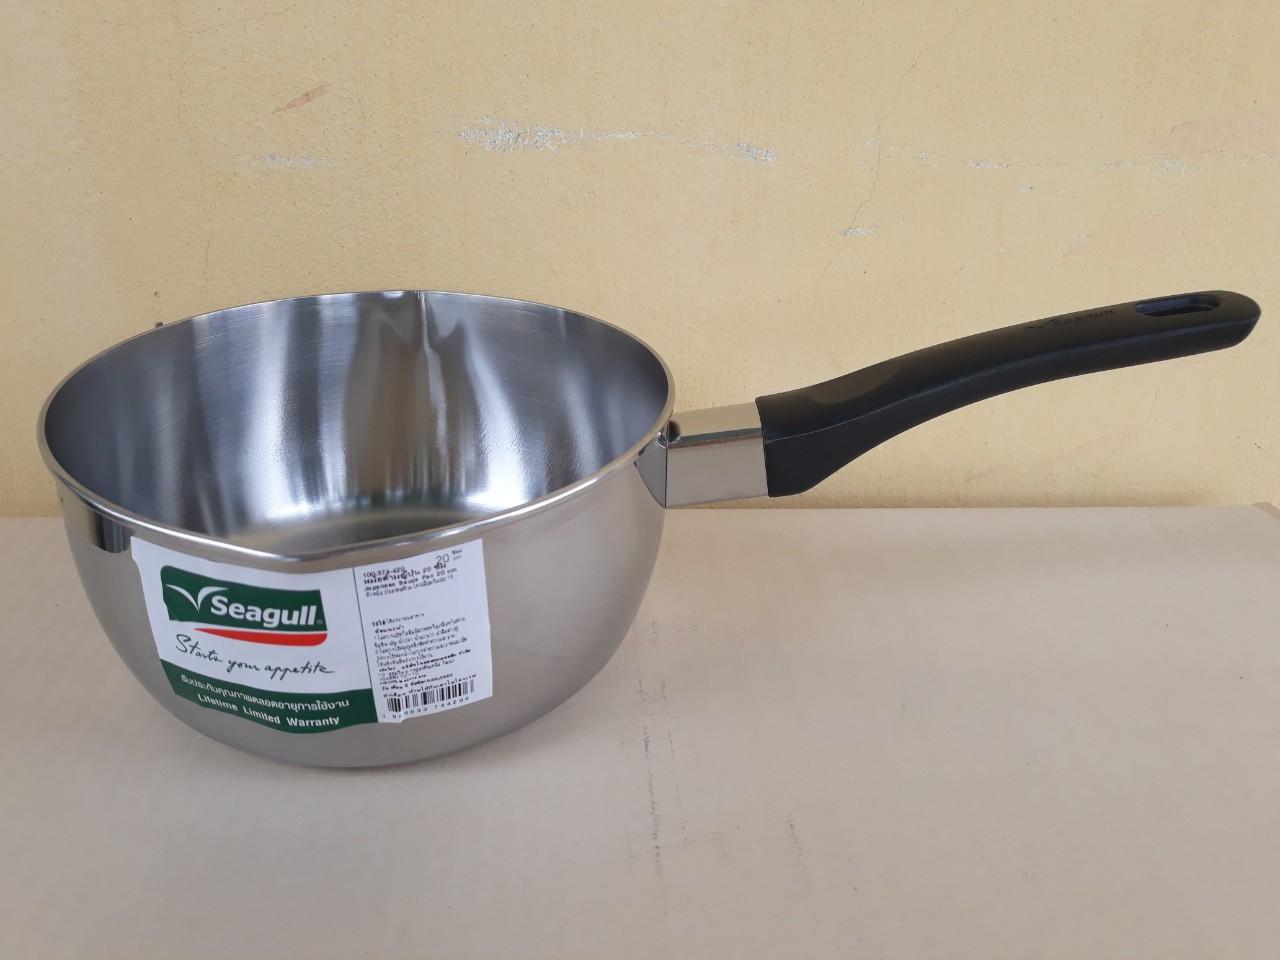 Nồi nấu có tay cầm không nắp seagull 20cm - 2.5 lít (Japanese) - dùng được cho bếp từ 100374420